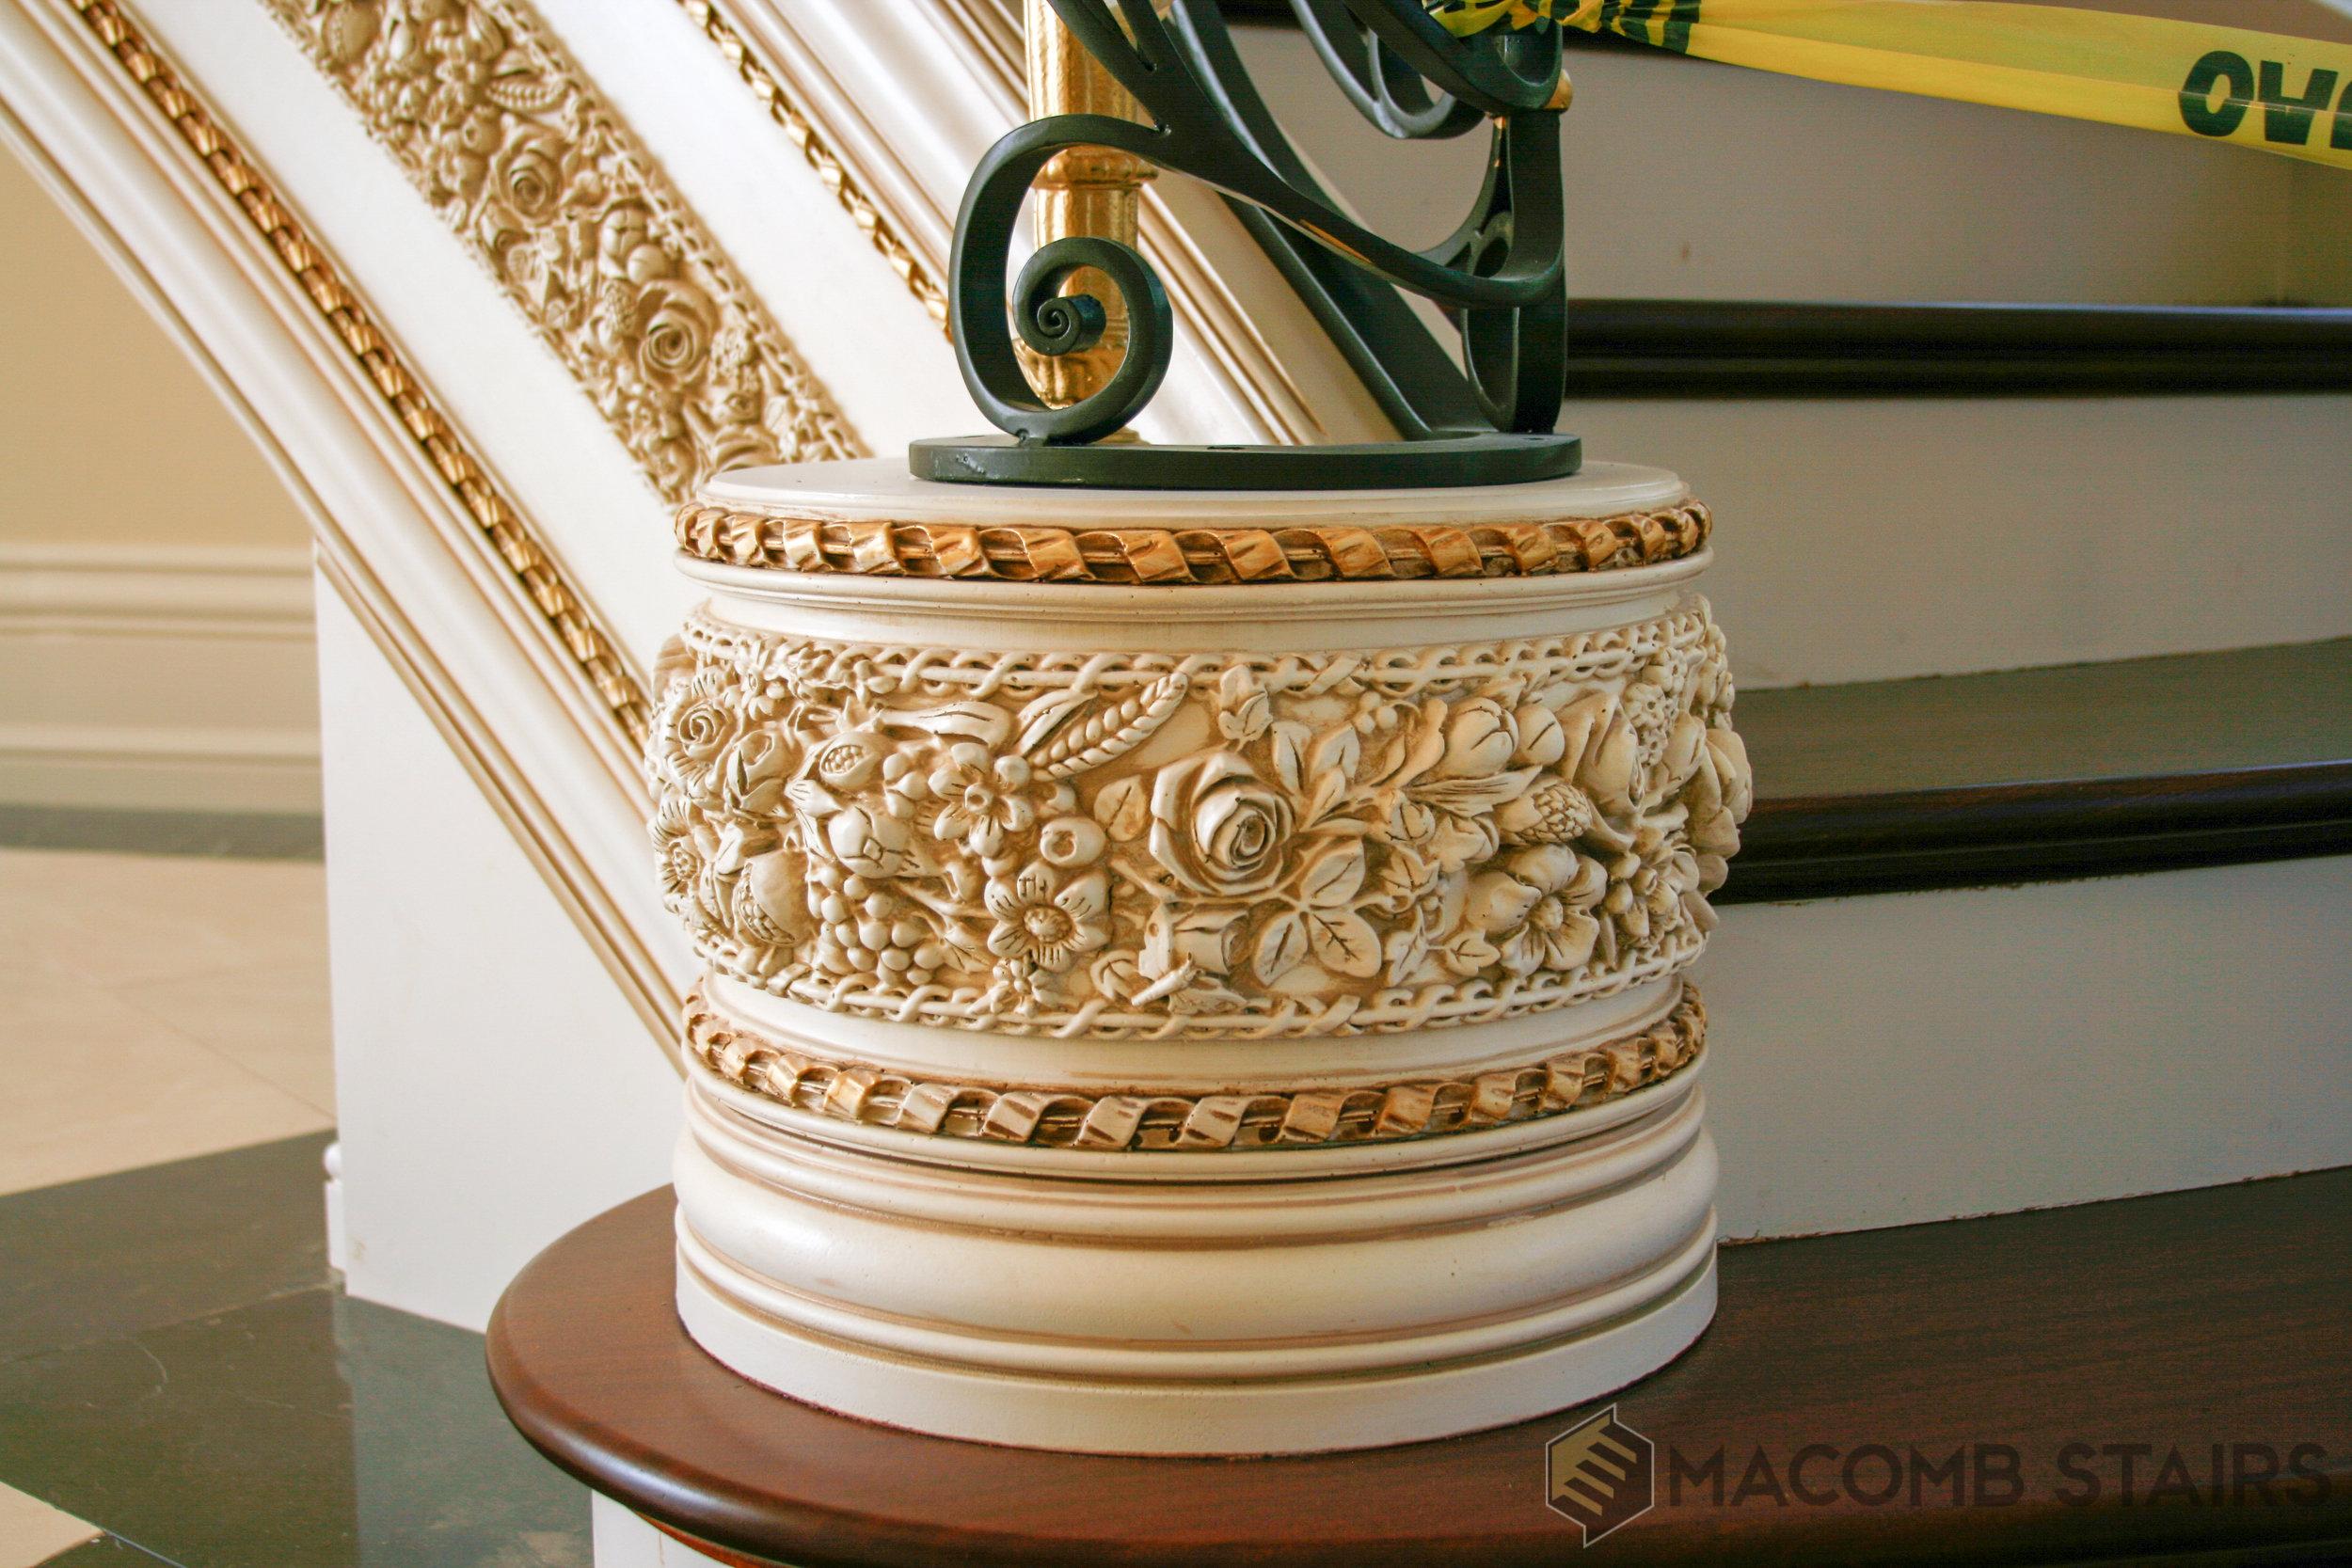 Macomb Stairs- Stair Photo-108.jpg